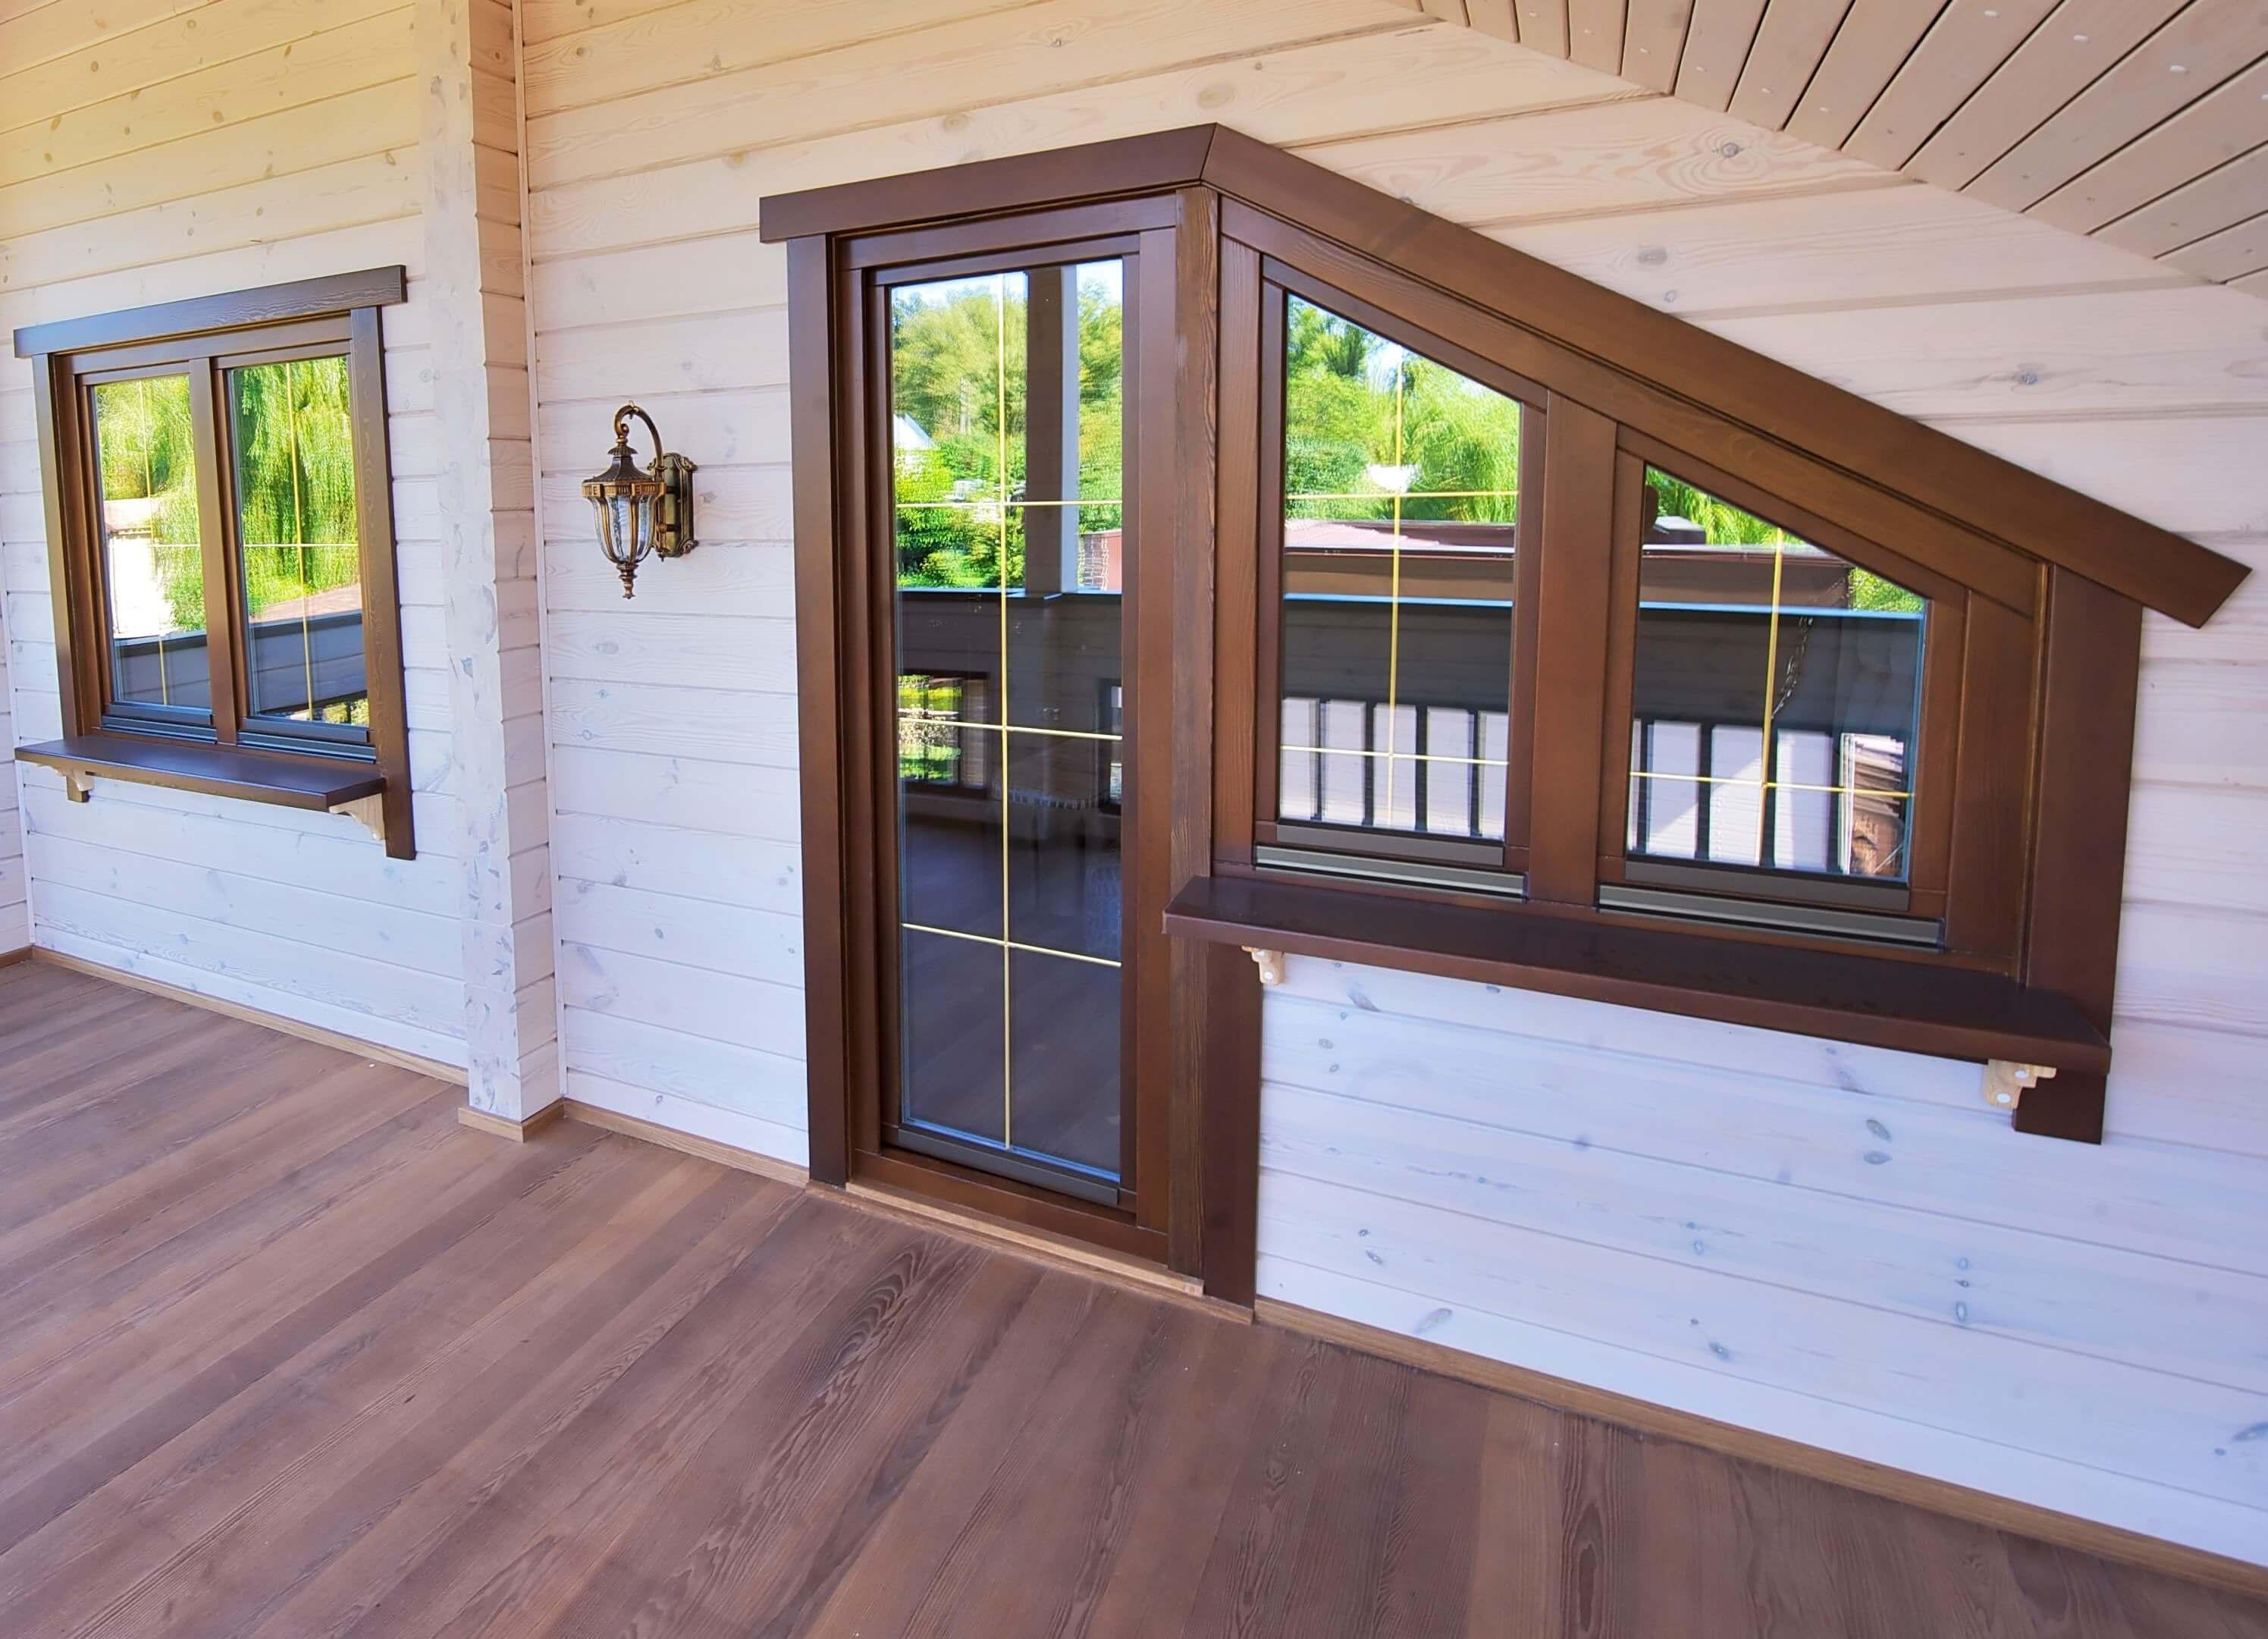 Красивые окна в деревянном доме: как выбрать подходящие окна для любого дома? советы дизайнеров + 90 фото